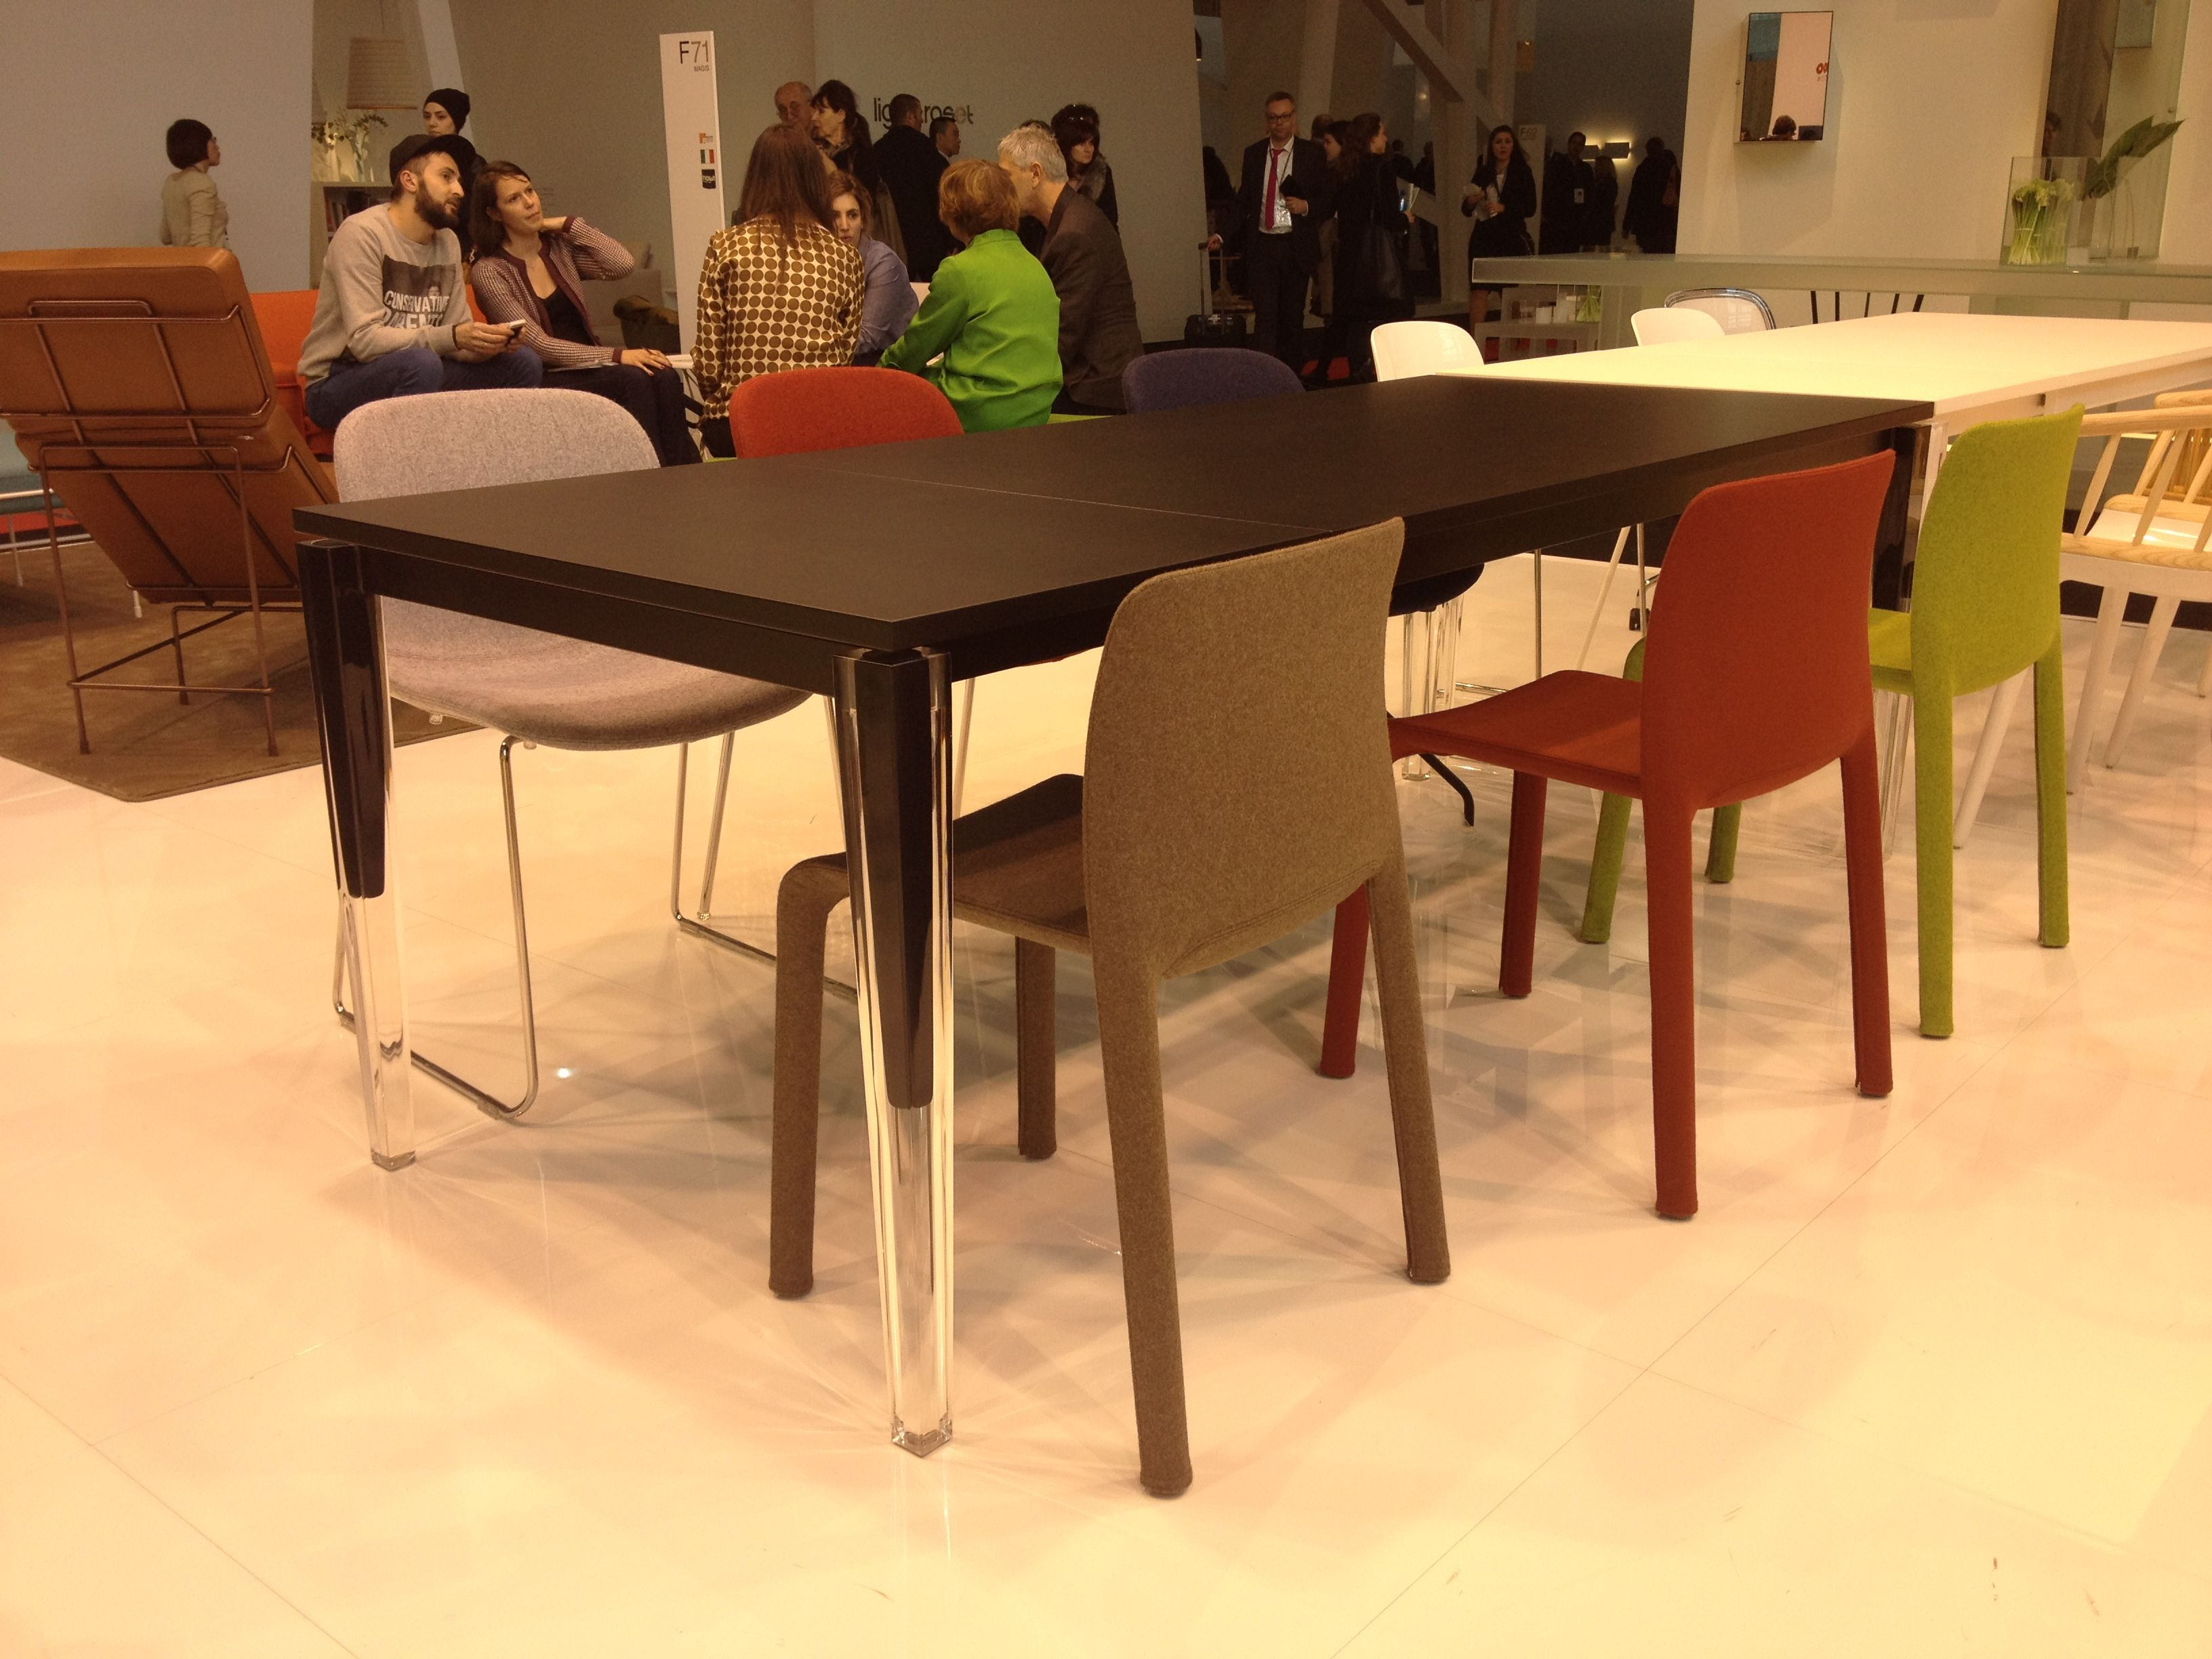 L 39 originalit de cette table magis le double empietement deco table design mobilier for Deco mobilier design